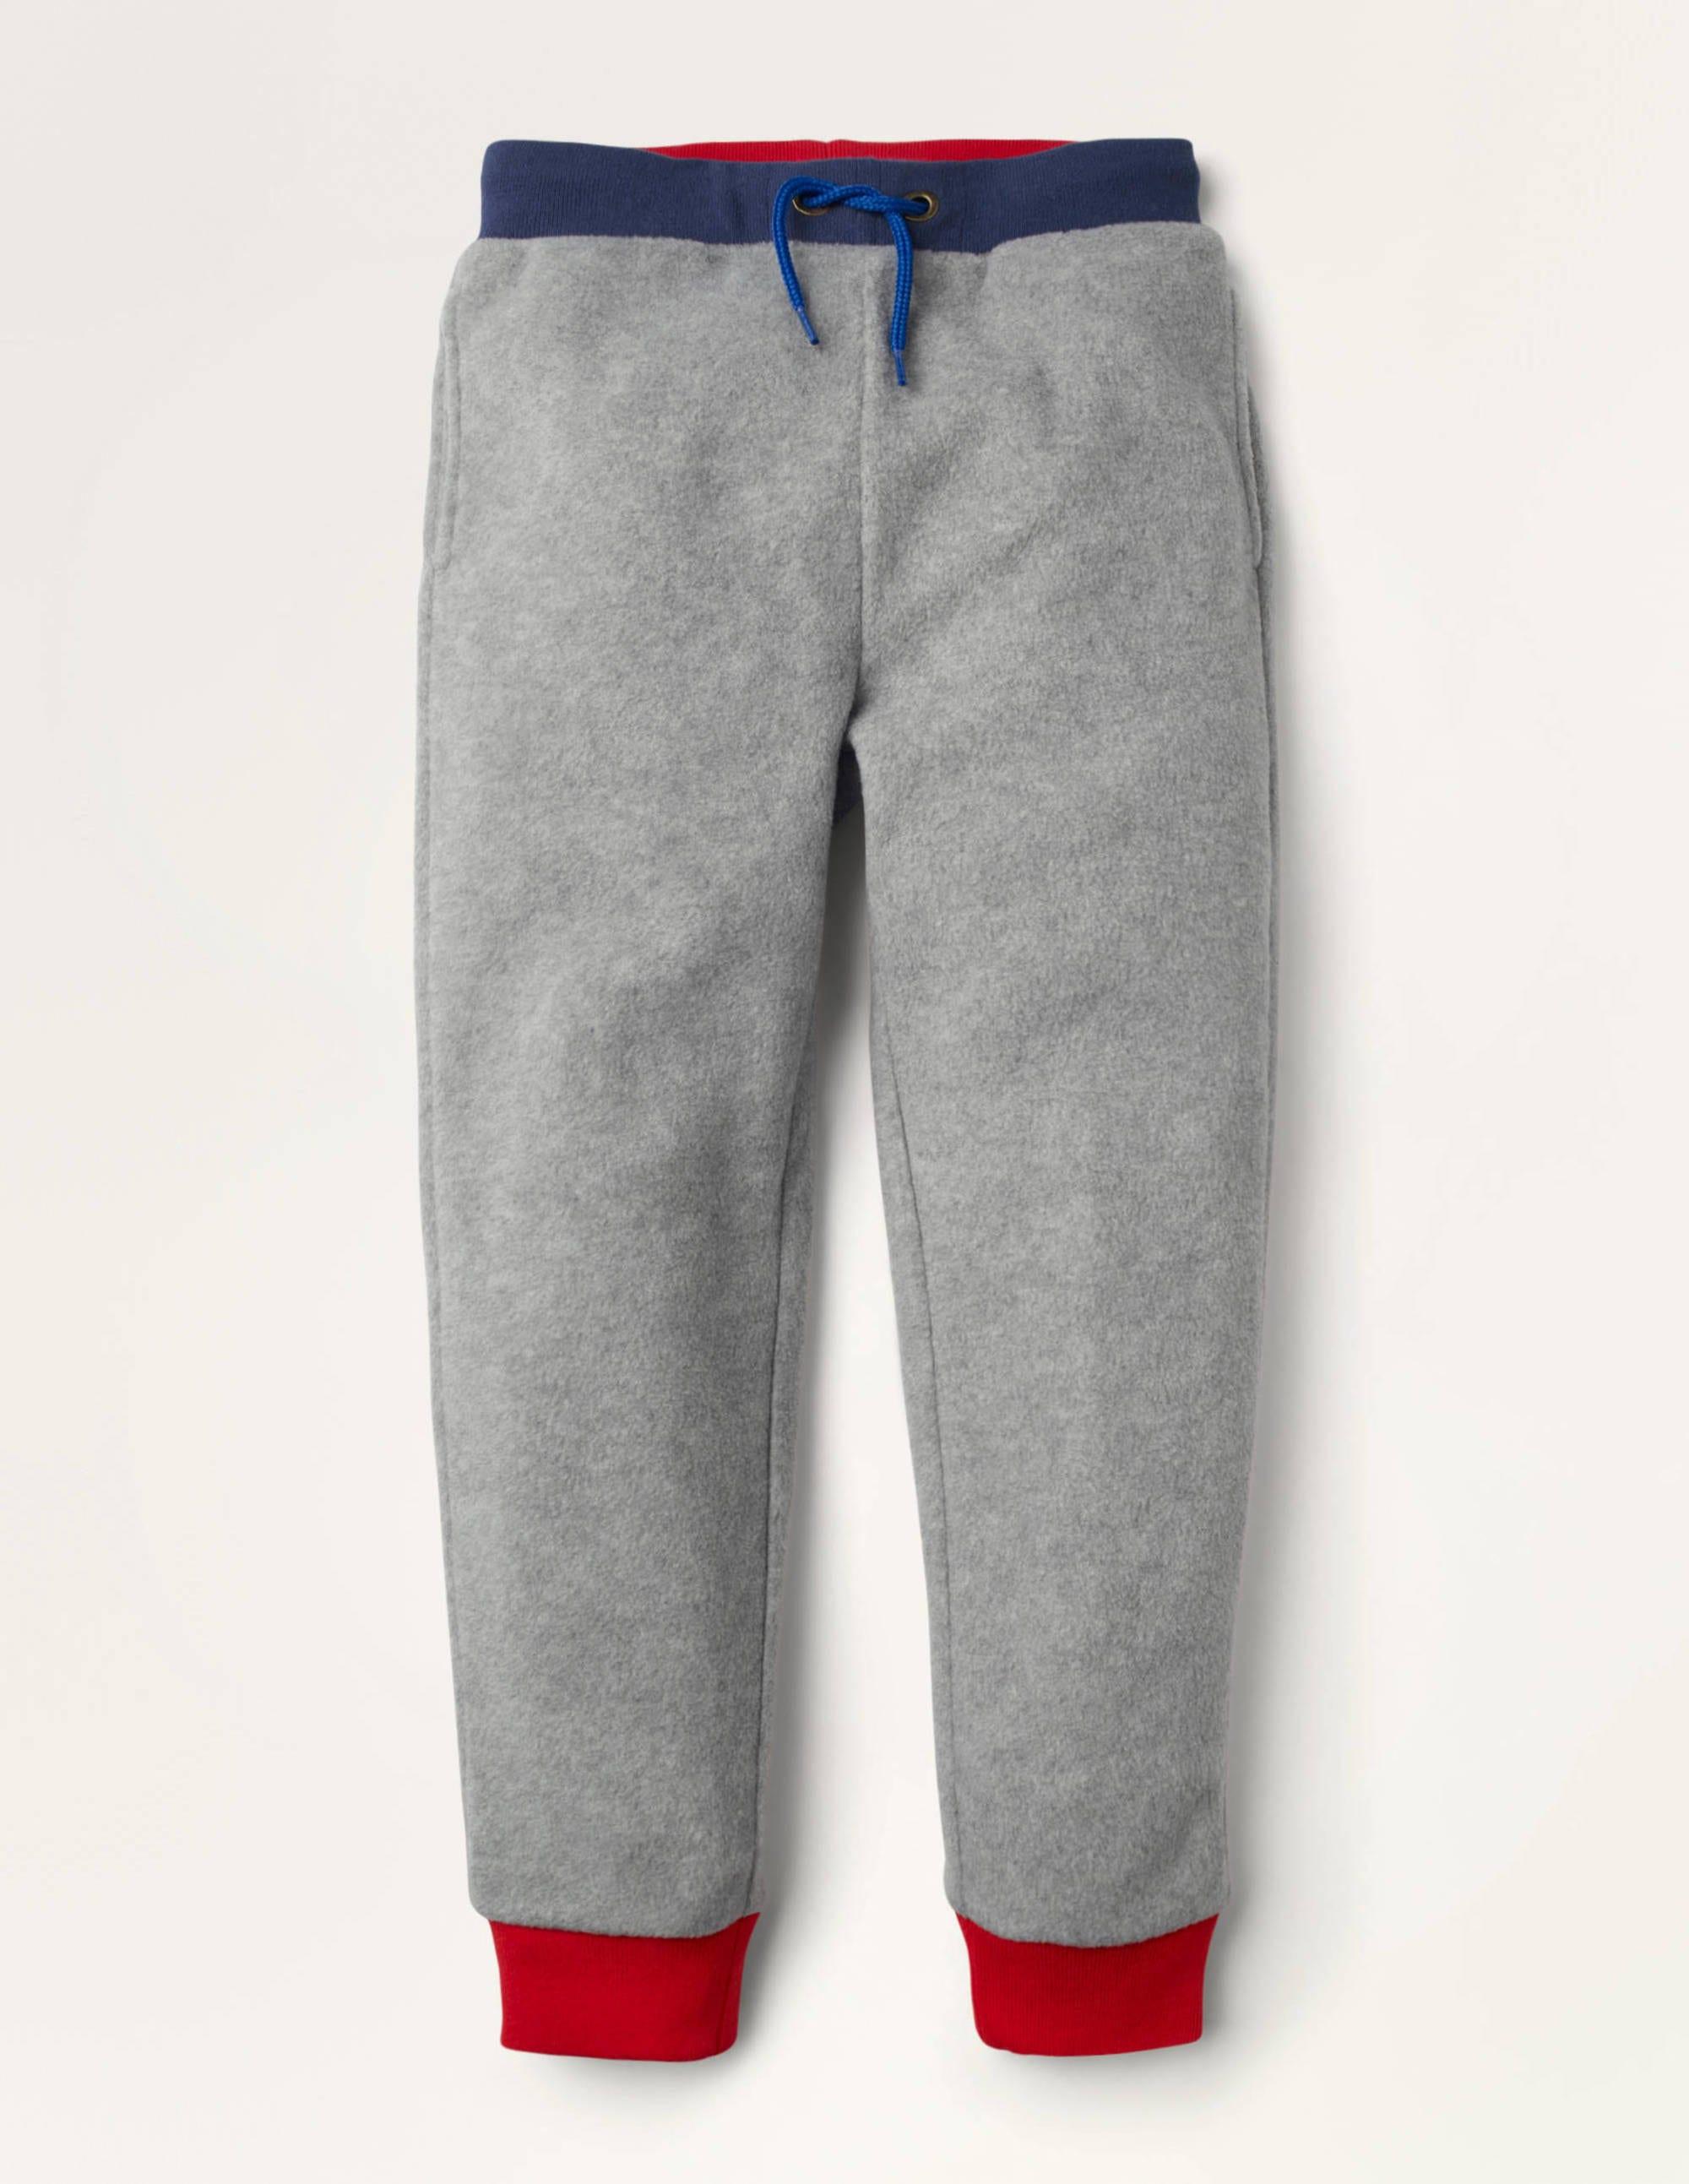 Mini Bas de jogging en micro-polaire GRY Garçon Boden, Grey - 6a